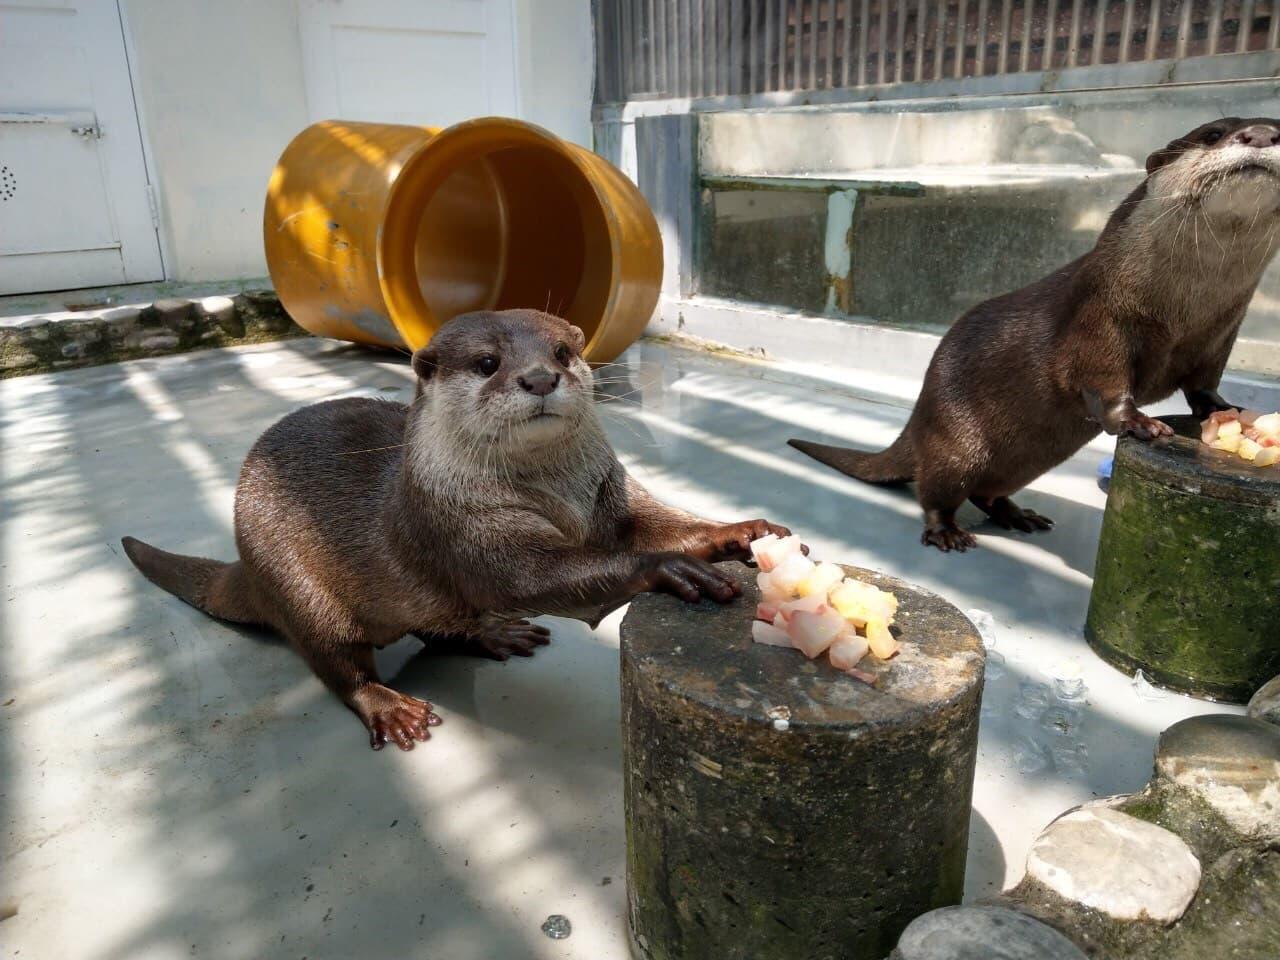 保育類野生動物飼養管理 應強化飼主責任及適切執法